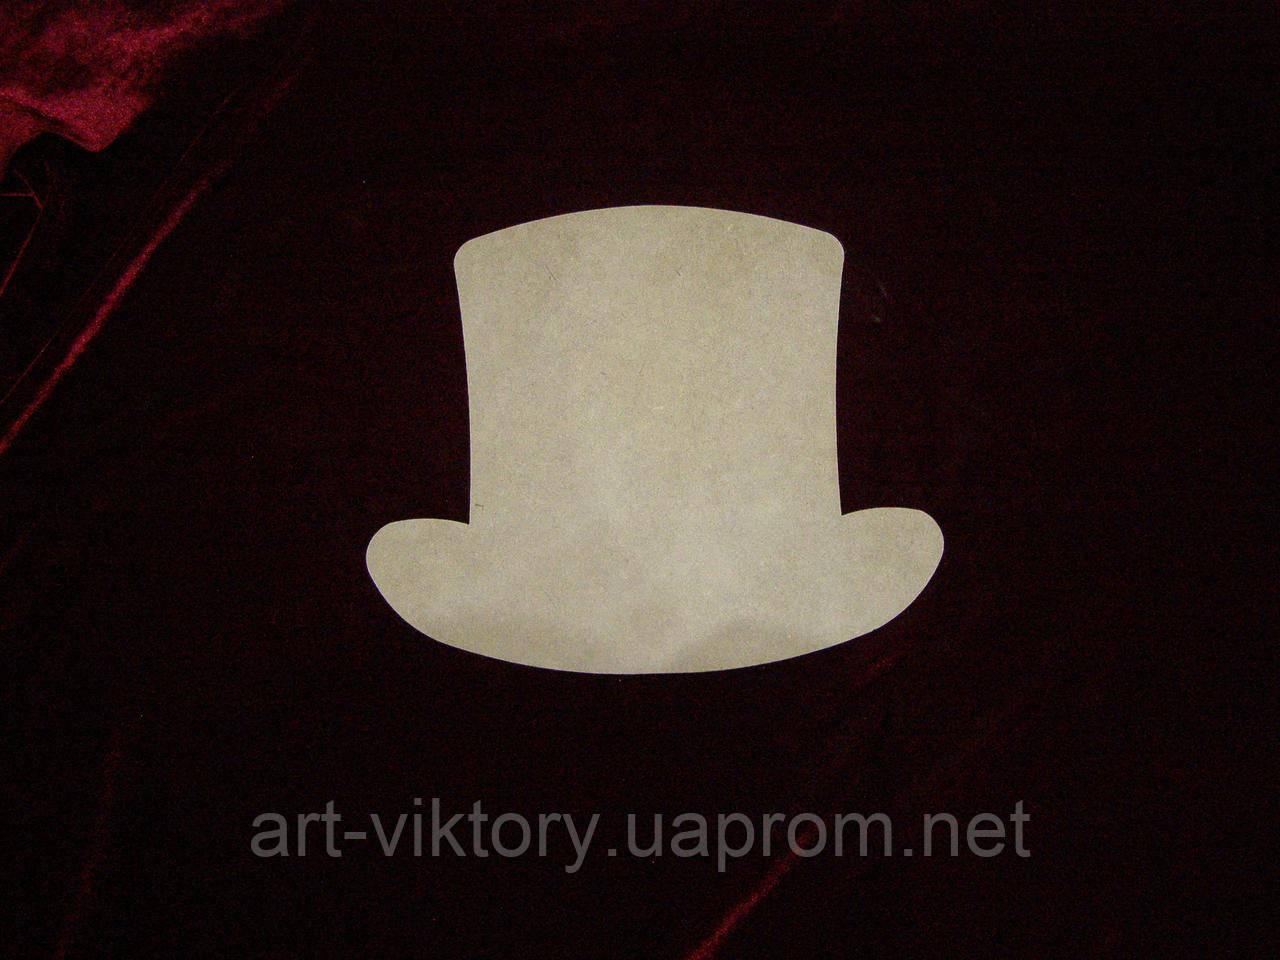 Шляпа (26 х 20 см), декор